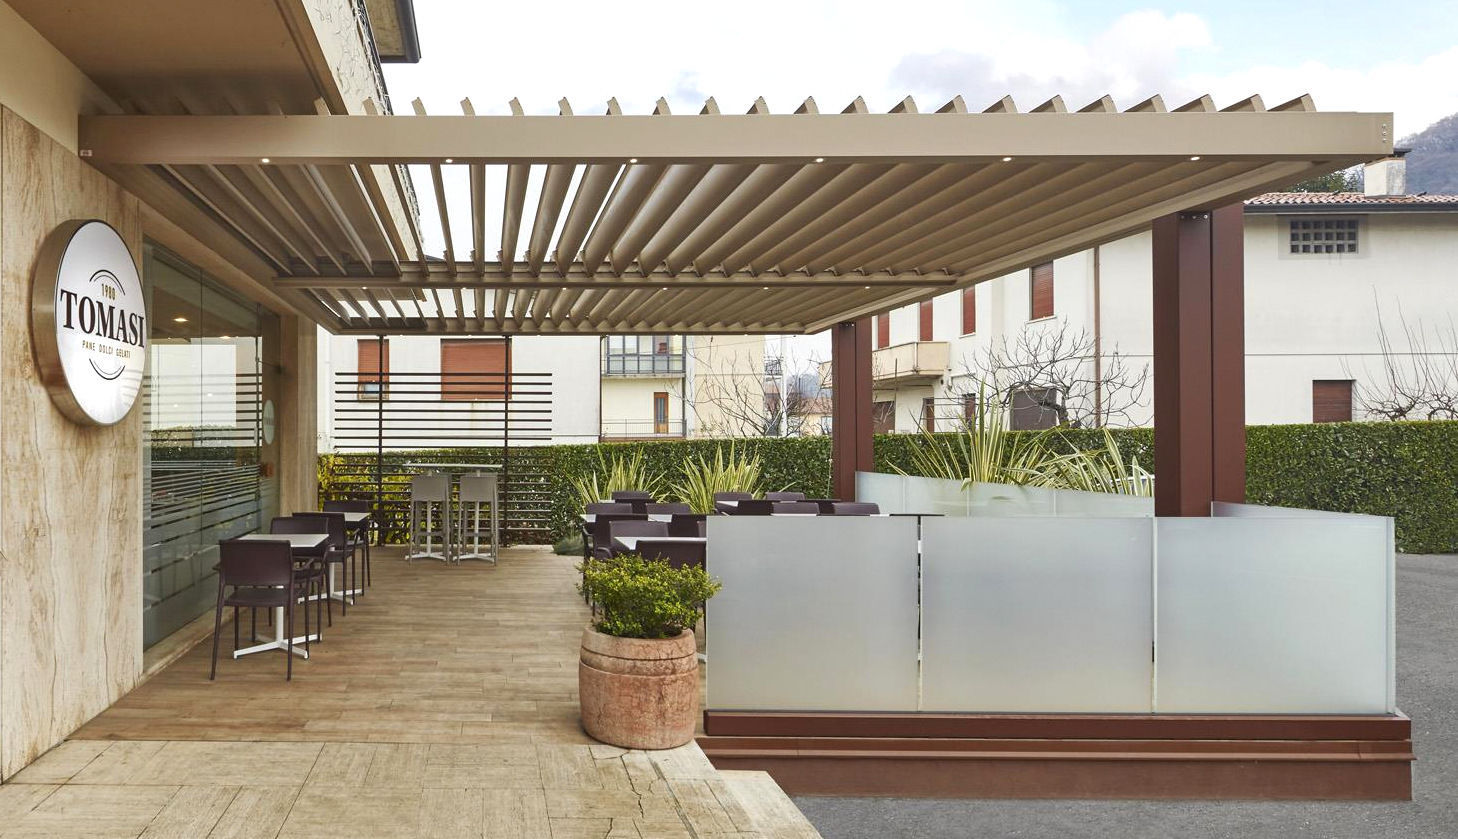 Couverture Terrasse Autoportée | Quel Matériau Pour La Structure ...